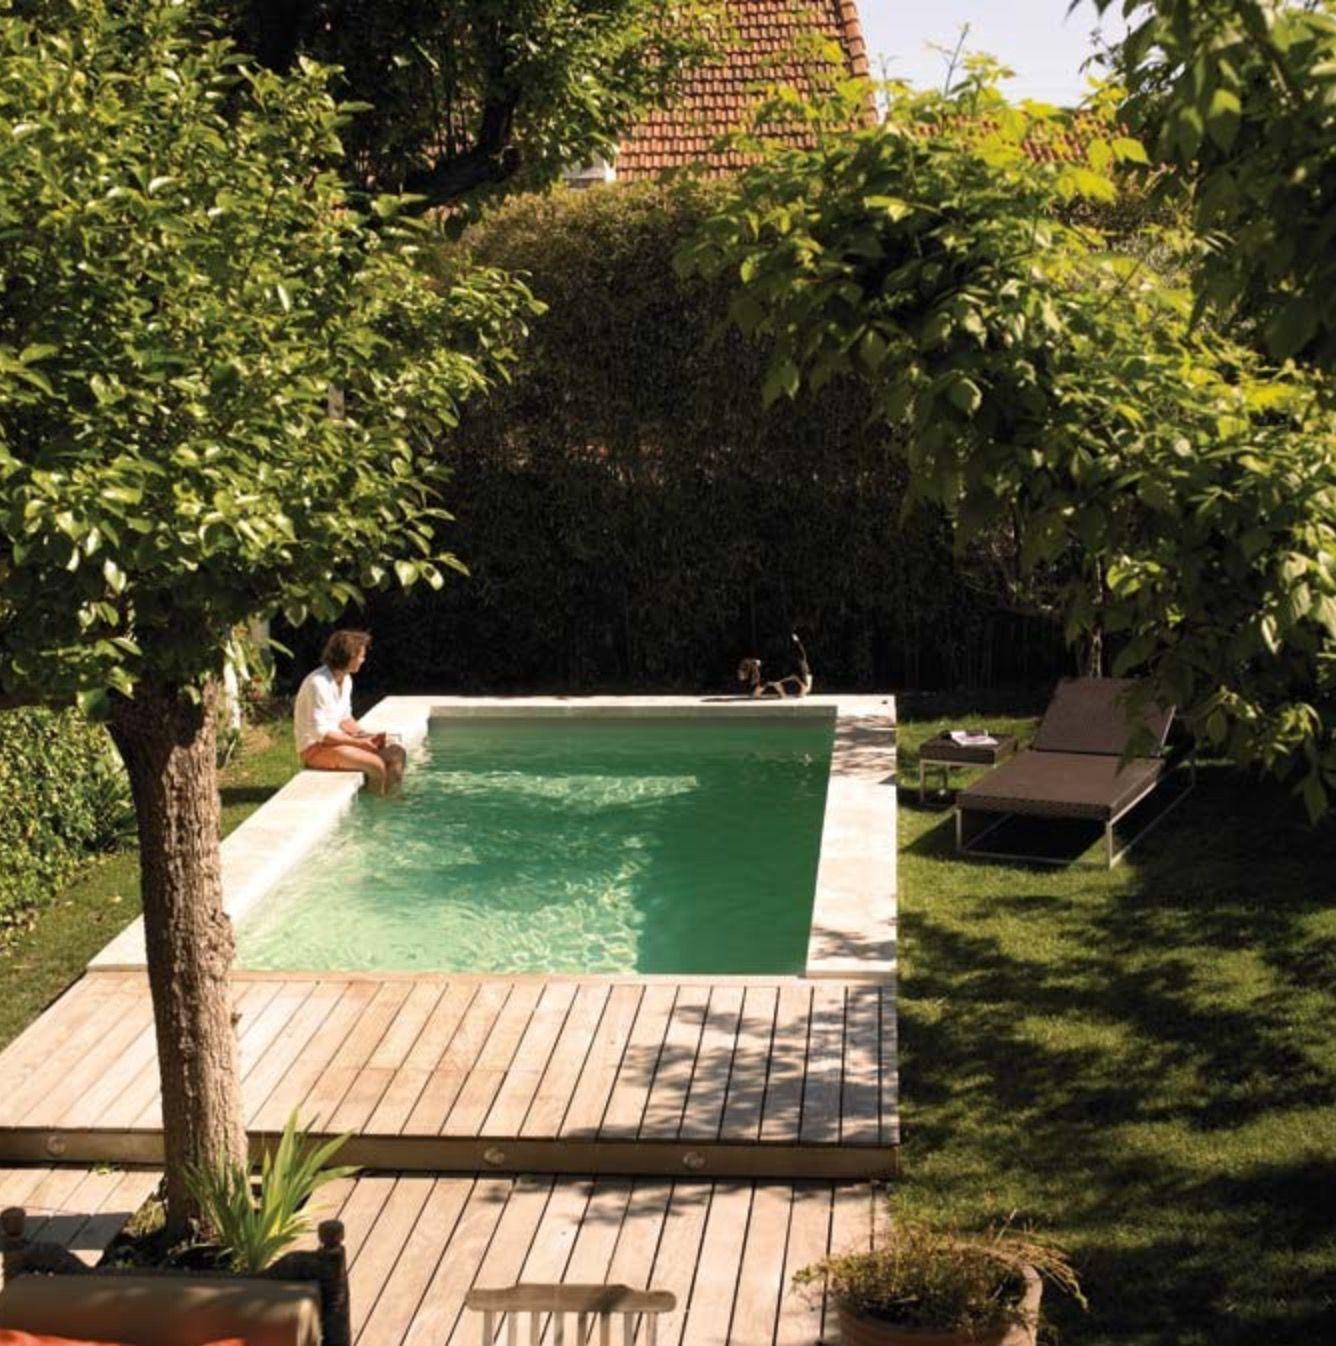 Beeindruckend Pool Im Kleinen Garten Foto Von Kleiner - Perfekt!